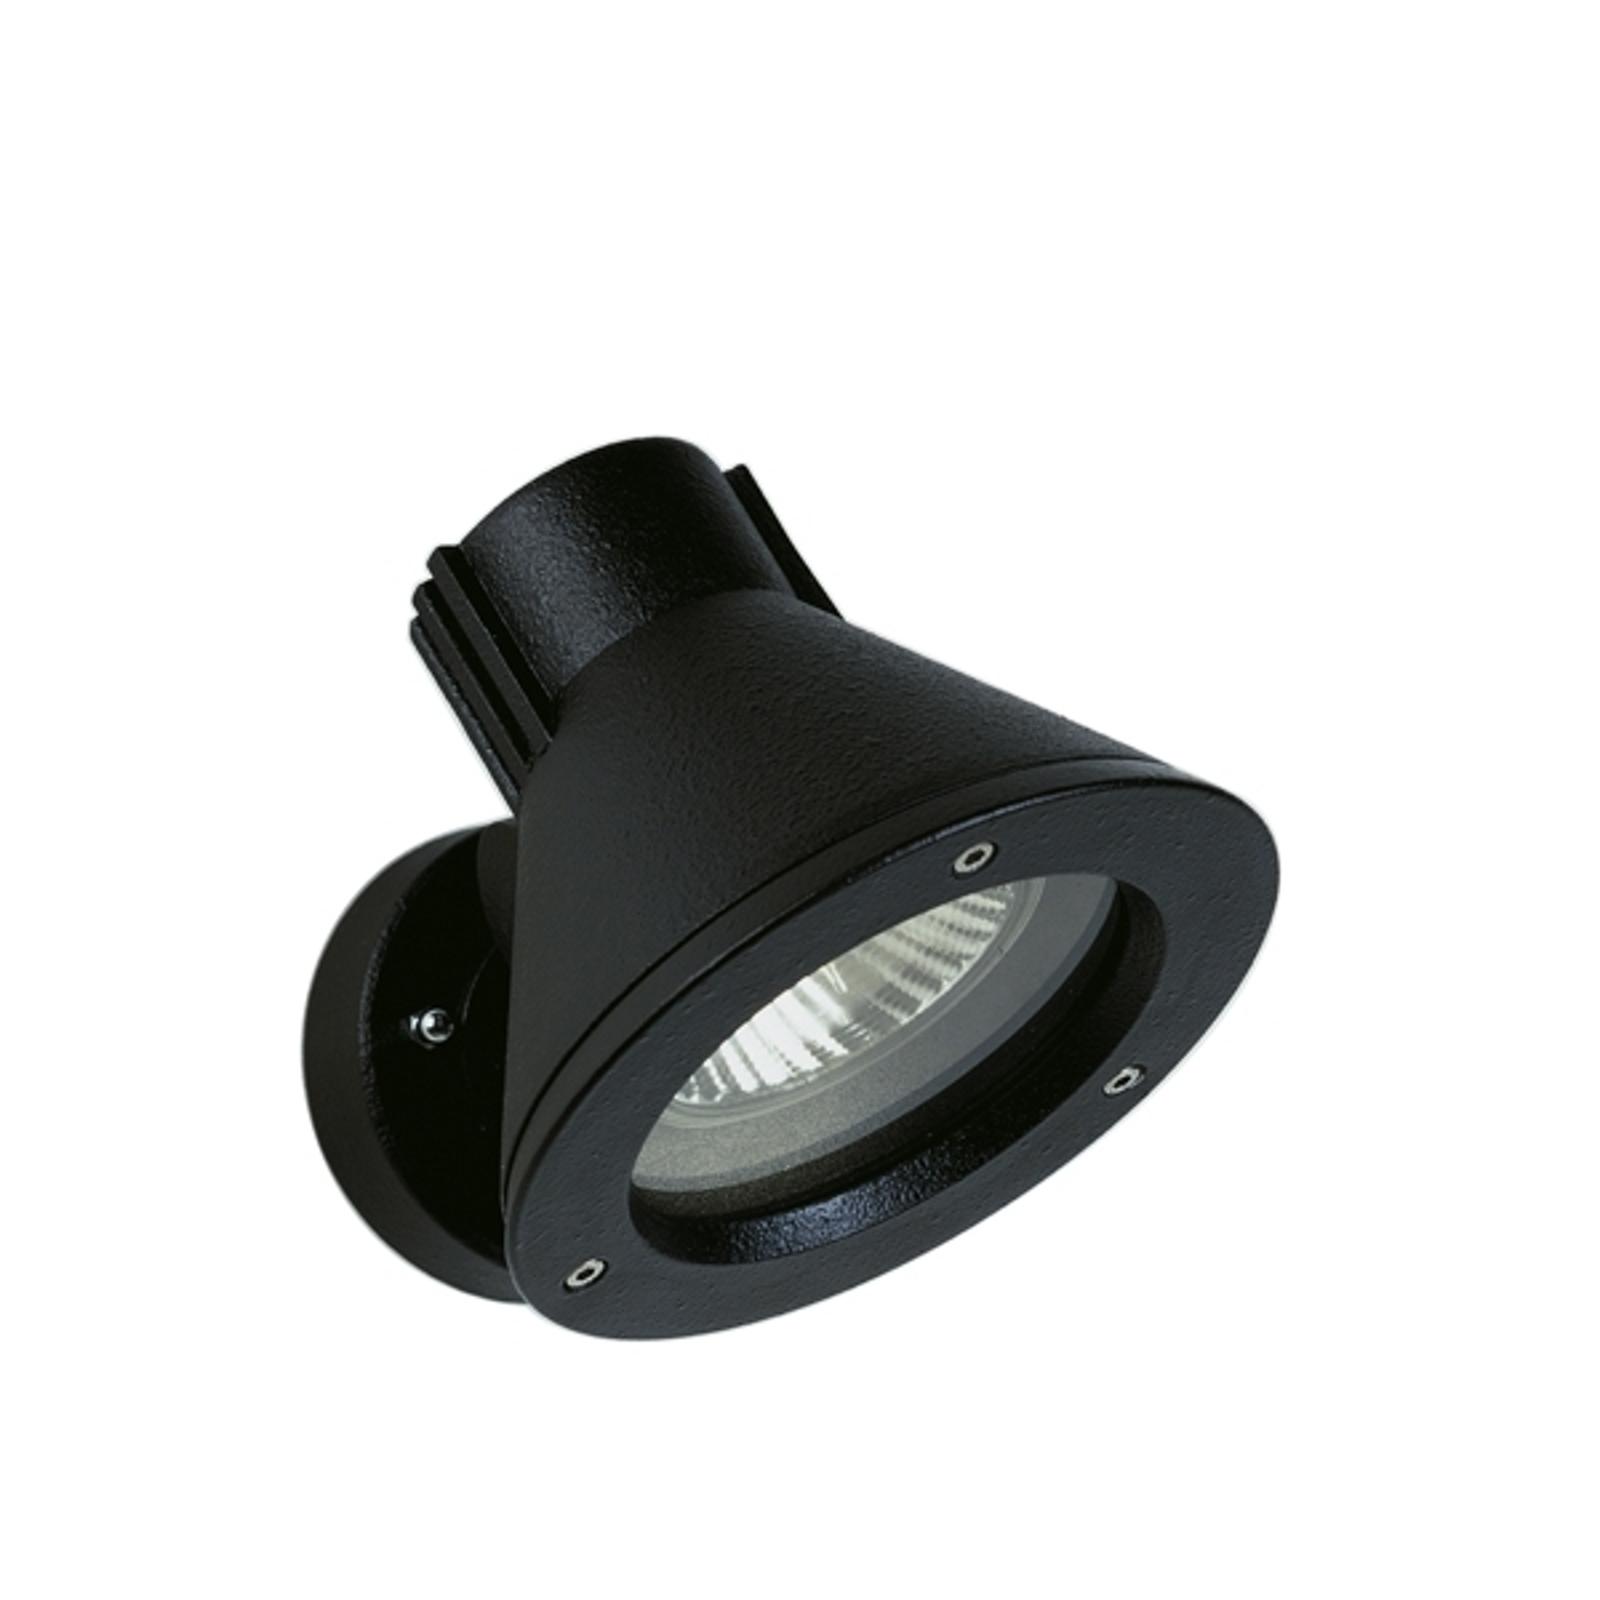 Zewnętrzny reflektor ścienny 643 S obrotowy